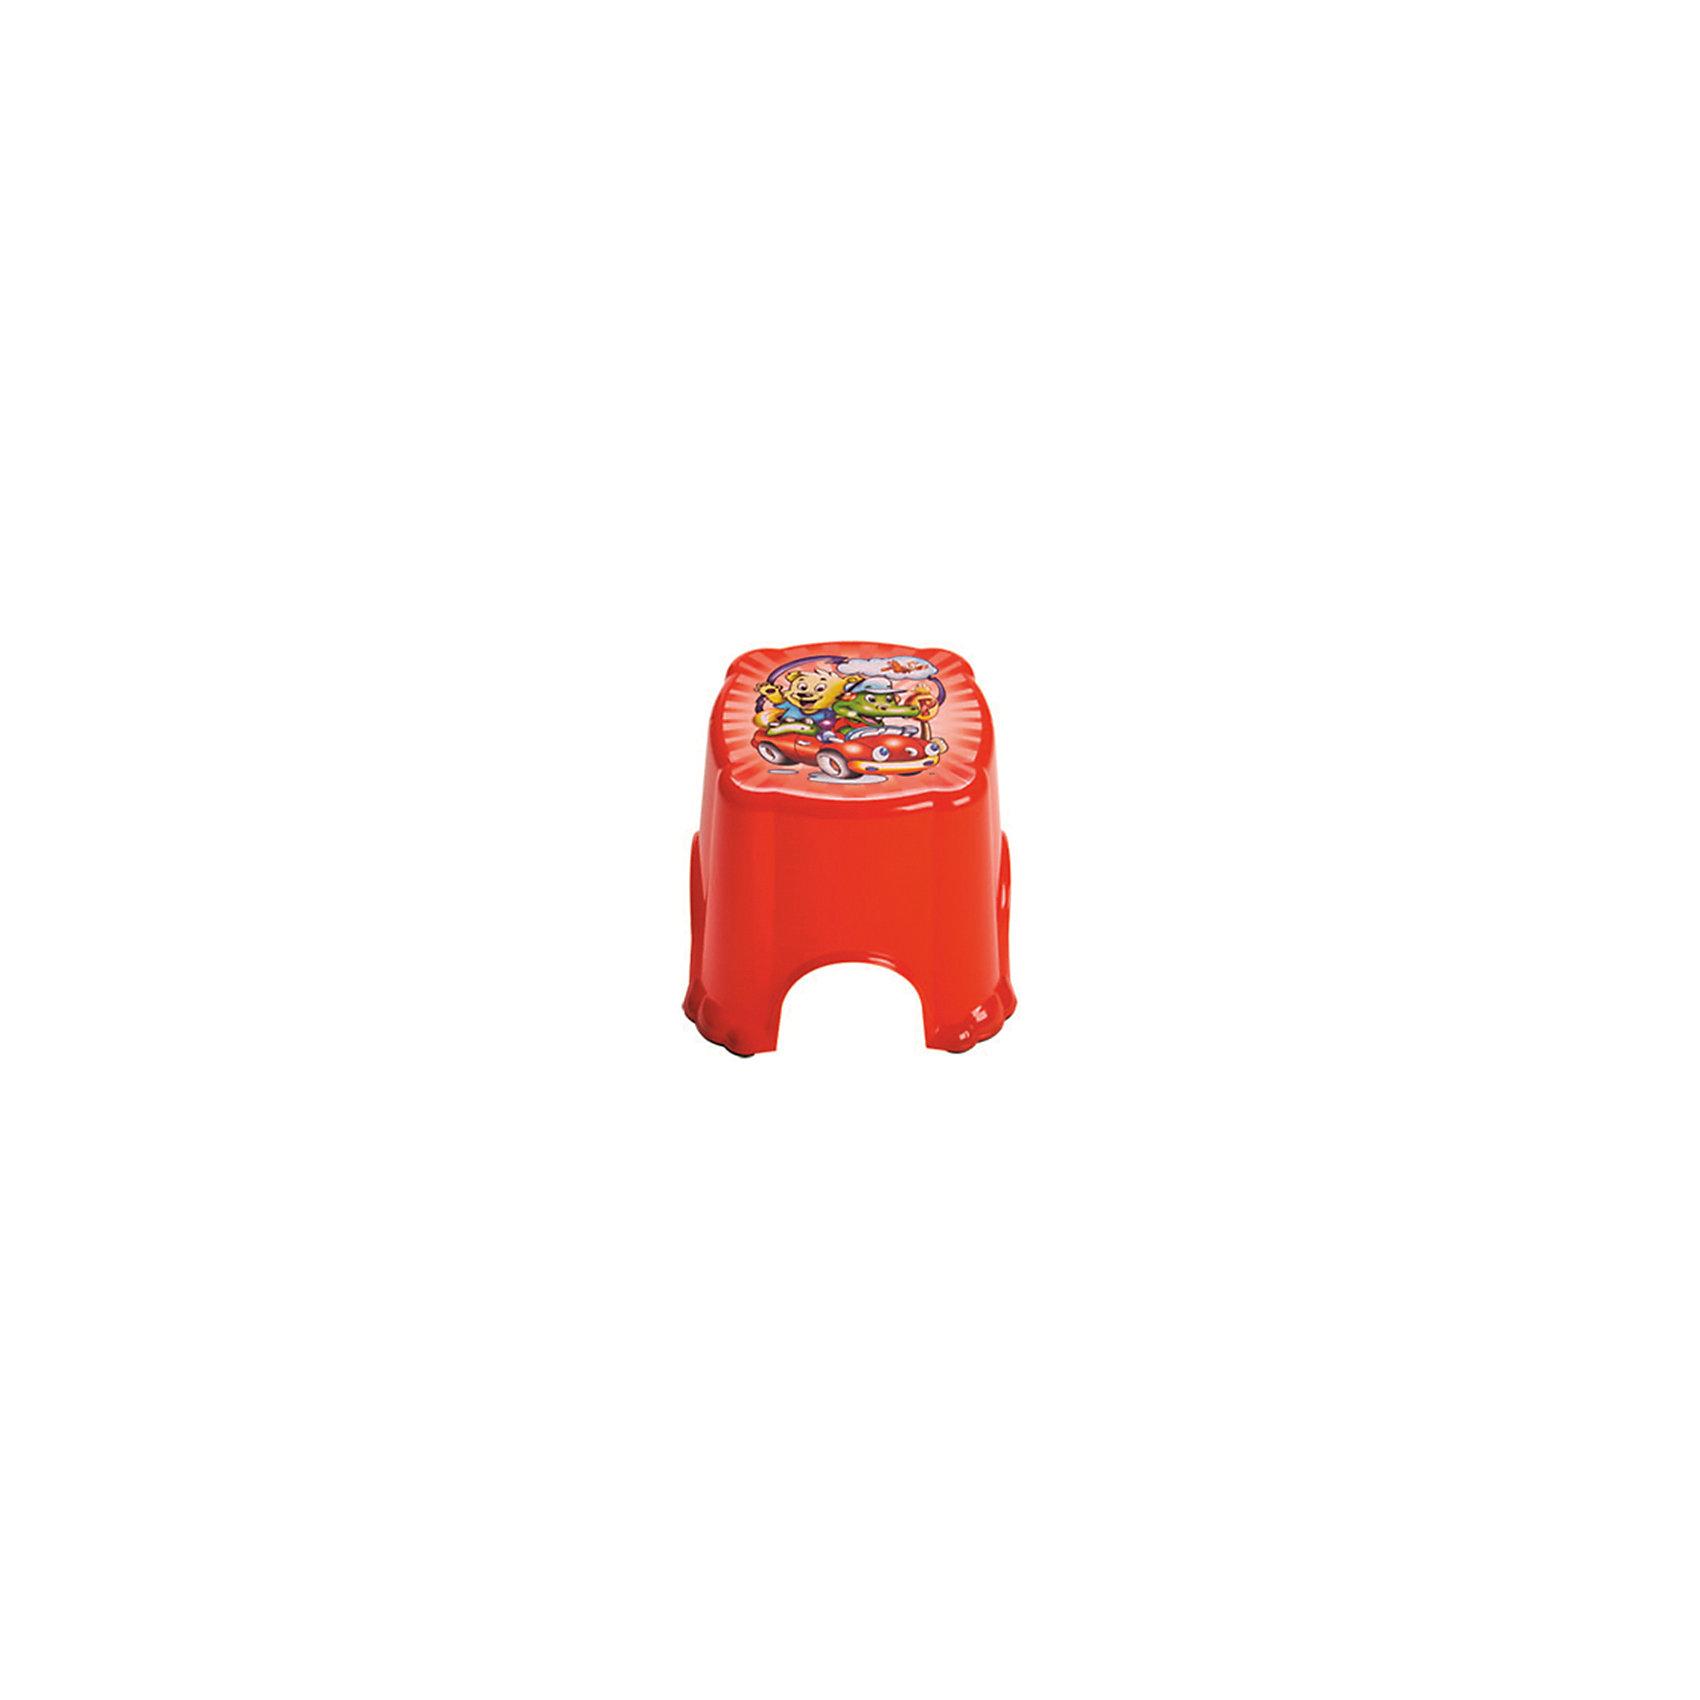 Красный табуретДетский табурет из твердой пластмассы поможет малышу самостоятельно умываться и чистить зубы. <br>Сверху используется противоскользящее покрытие, которое обеспечит безопасность вашему ребенку.<br><br>Дополнительная информация:<br><br>Материал: пластик.<br>Цвет: красный.<br>Размеры 25,5 x 25,5 x 21 см.<br><br>Детский табурет в красном цвете, можно купить в нашем магазине.<br><br>Ширина мм: 750<br>Глубина мм: 480<br>Высота мм: 380<br>Вес г: 300<br>Возраст от месяцев: 24<br>Возраст до месяцев: 84<br>Пол: Унисекс<br>Возраст: Детский<br>SKU: 4718412